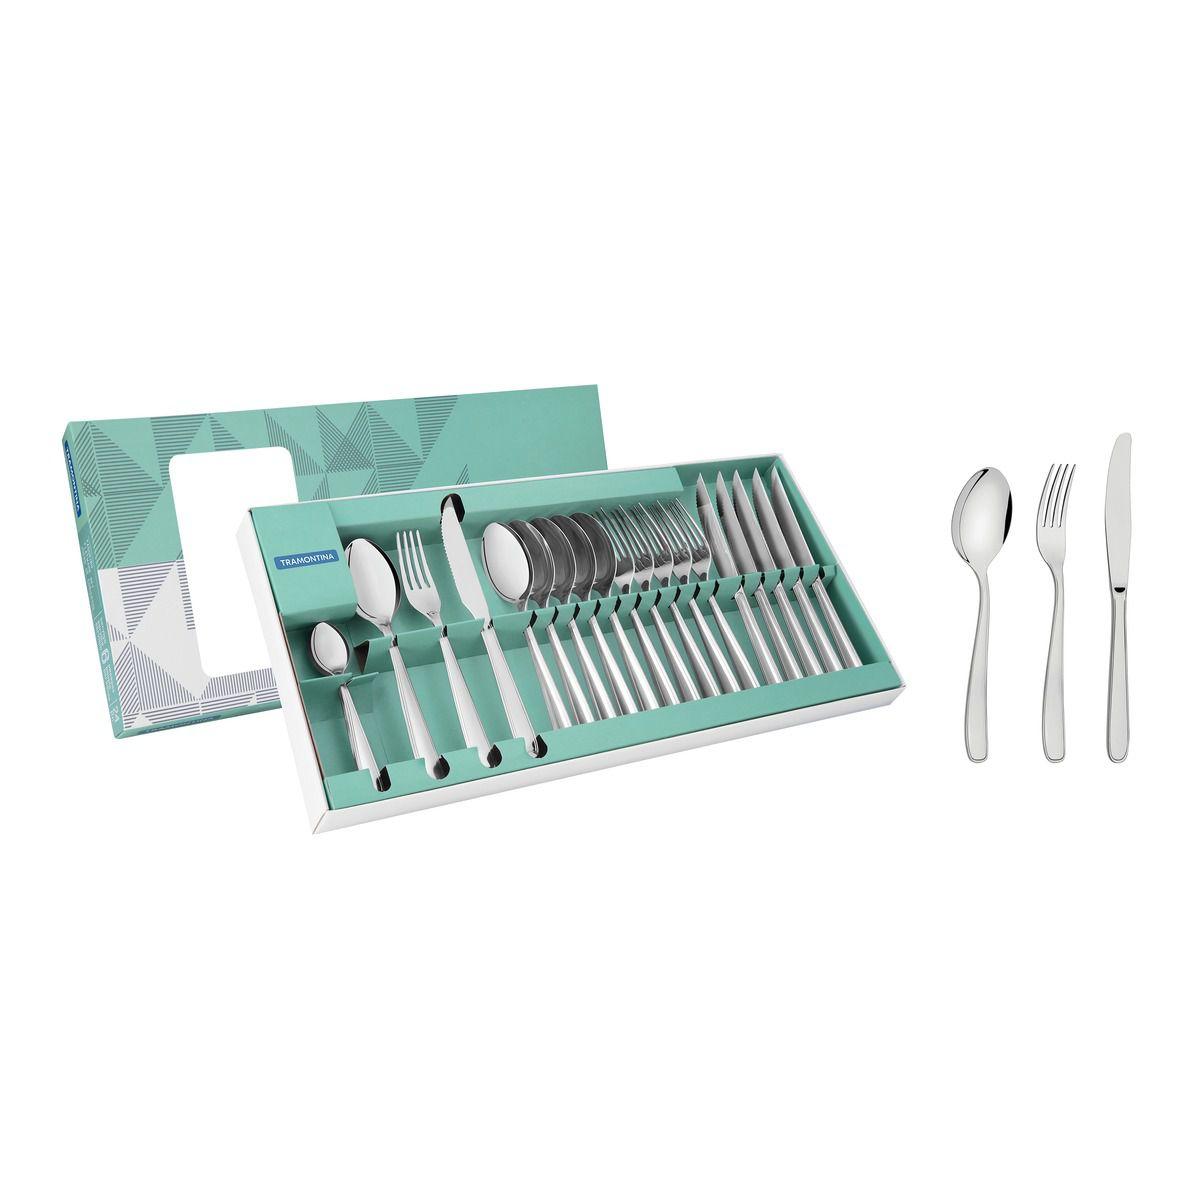 Faqueiro aço inox com faca de mesa 24 pç. 66902/000 | Lojas Estrela